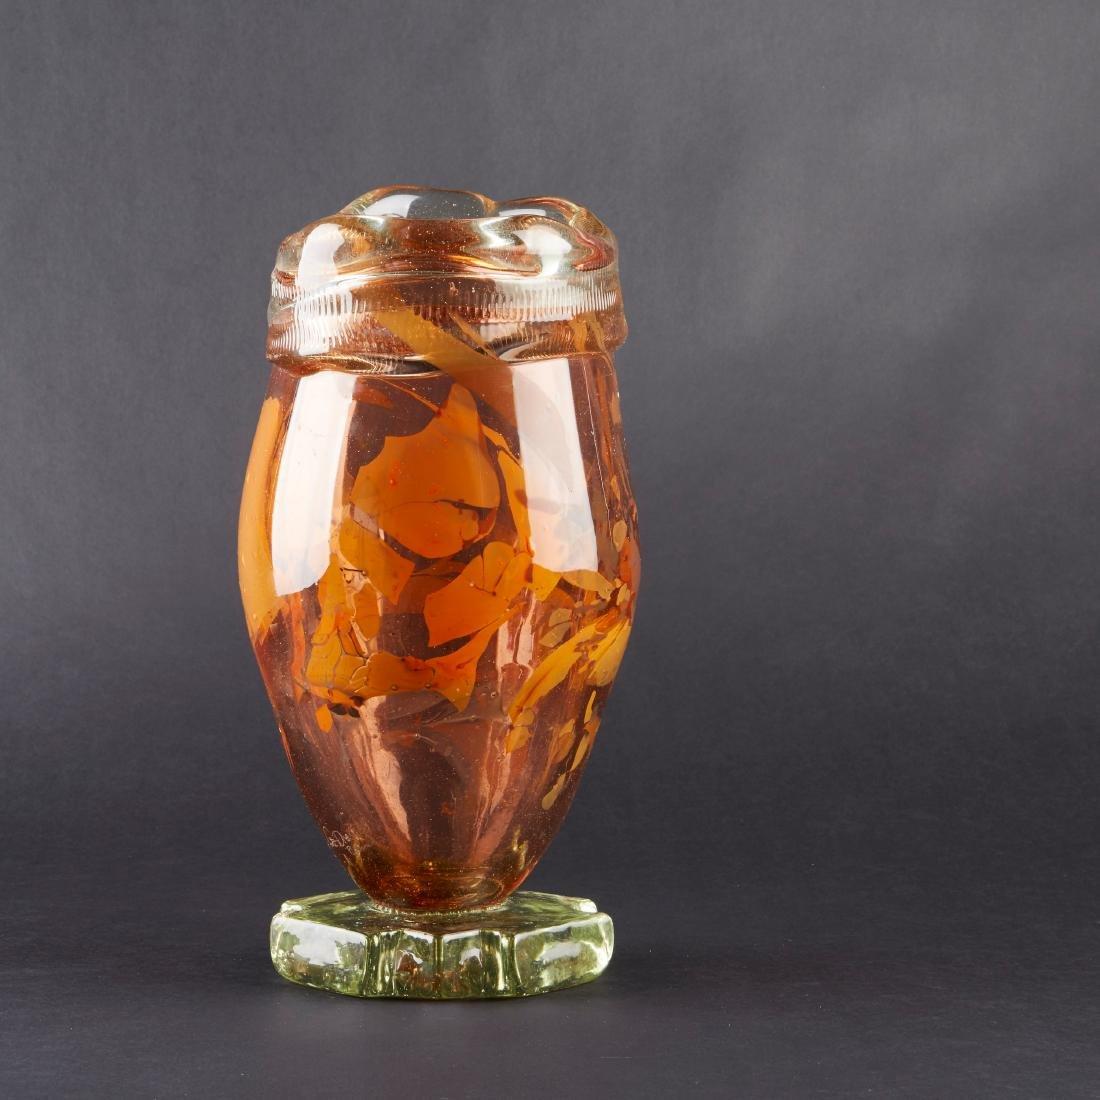 Fritz Dreisbach Glass Vase - 2